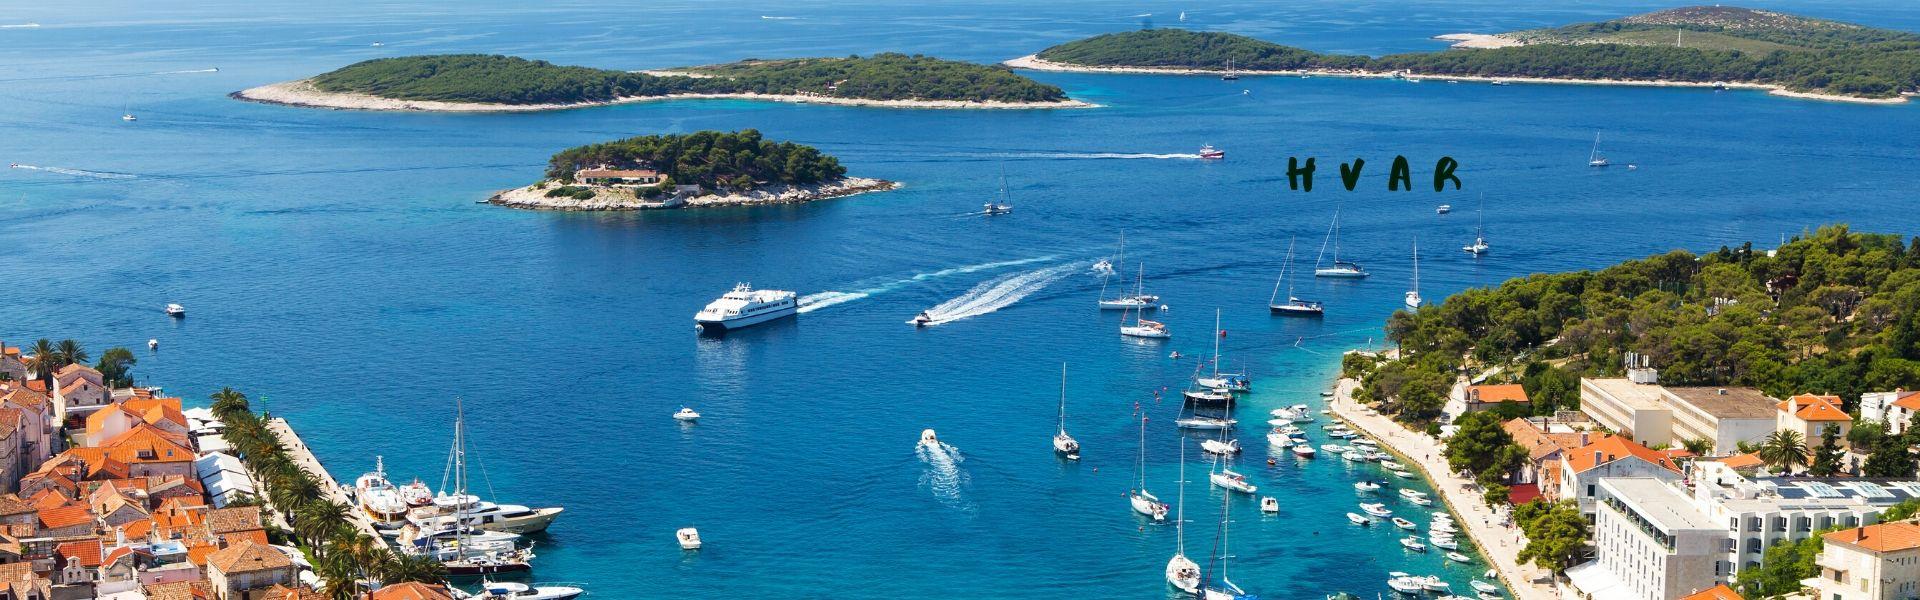 Charter yacht Hvar